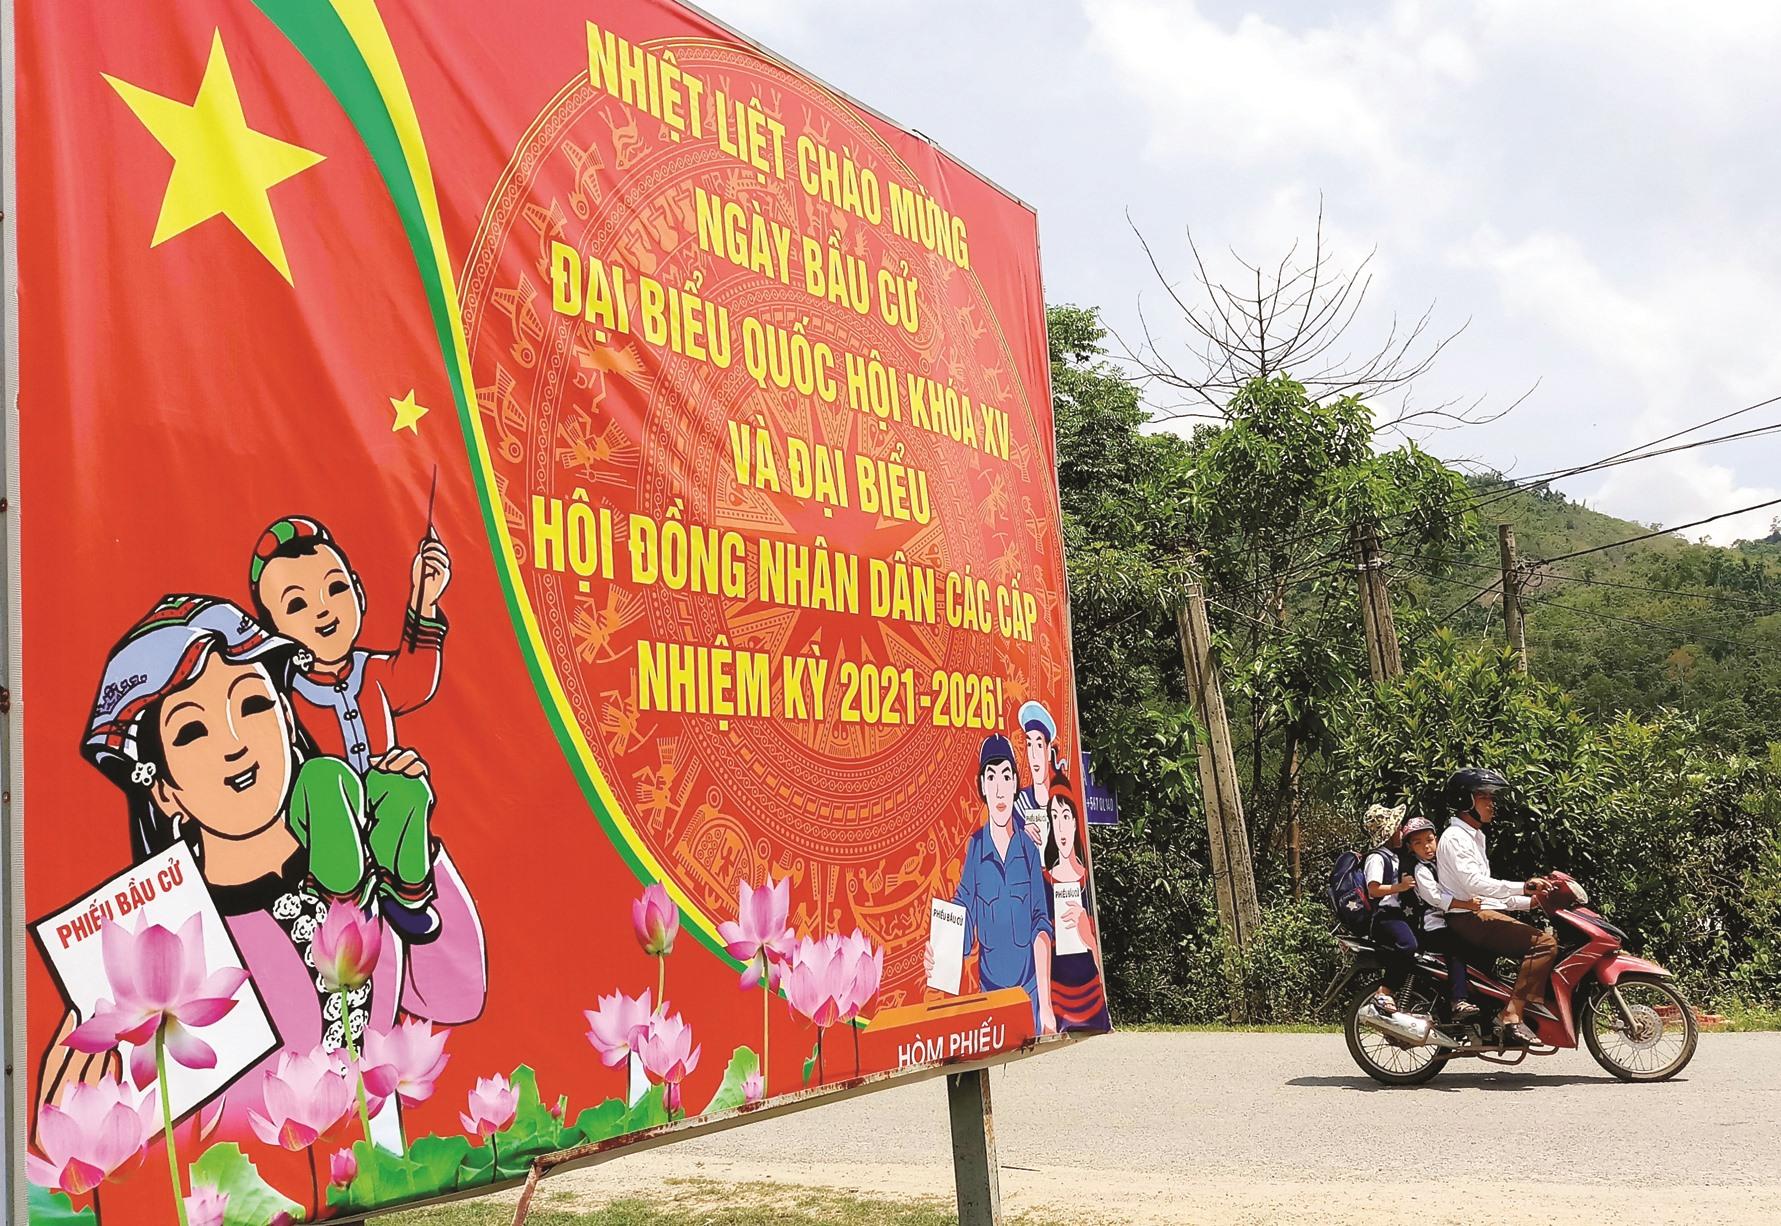 Dọc các tuyến đường vùng cao Đông Giang, Tây Giang, Nam Giang, Phước Sơn... nhiều tấm pa-nô tuyên truyền được dựng lên, cùng hướng về ngày hội bầu cử.